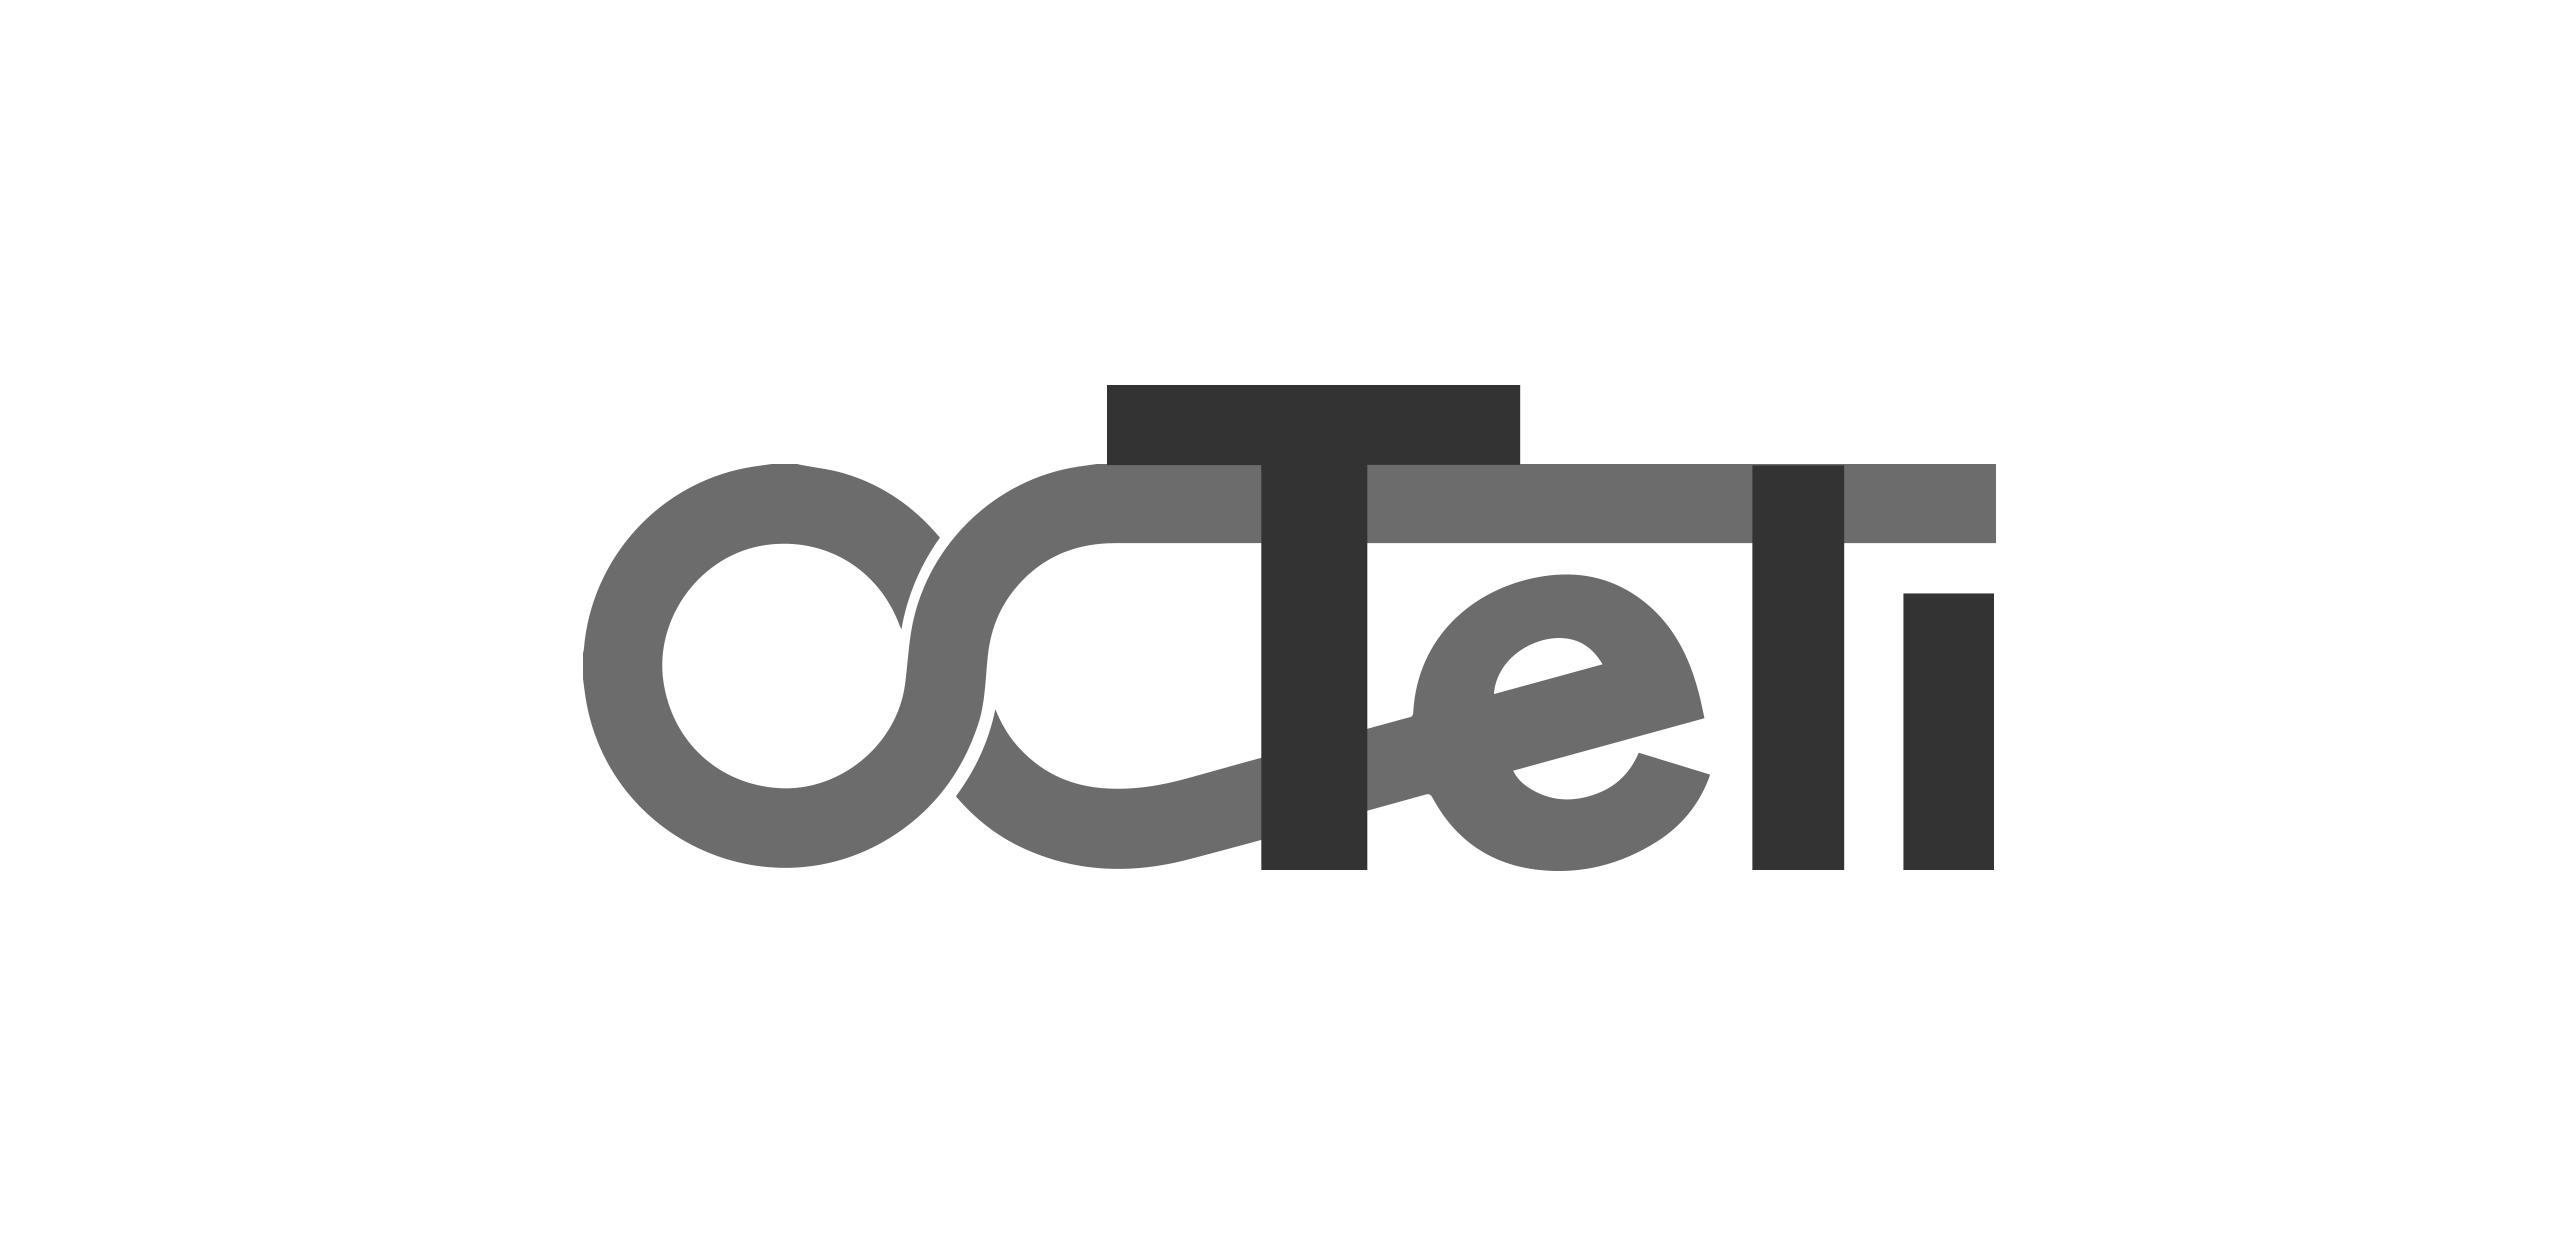 Разработка логотипа и фирменного стиля фото f_7235904a65abac8c.png